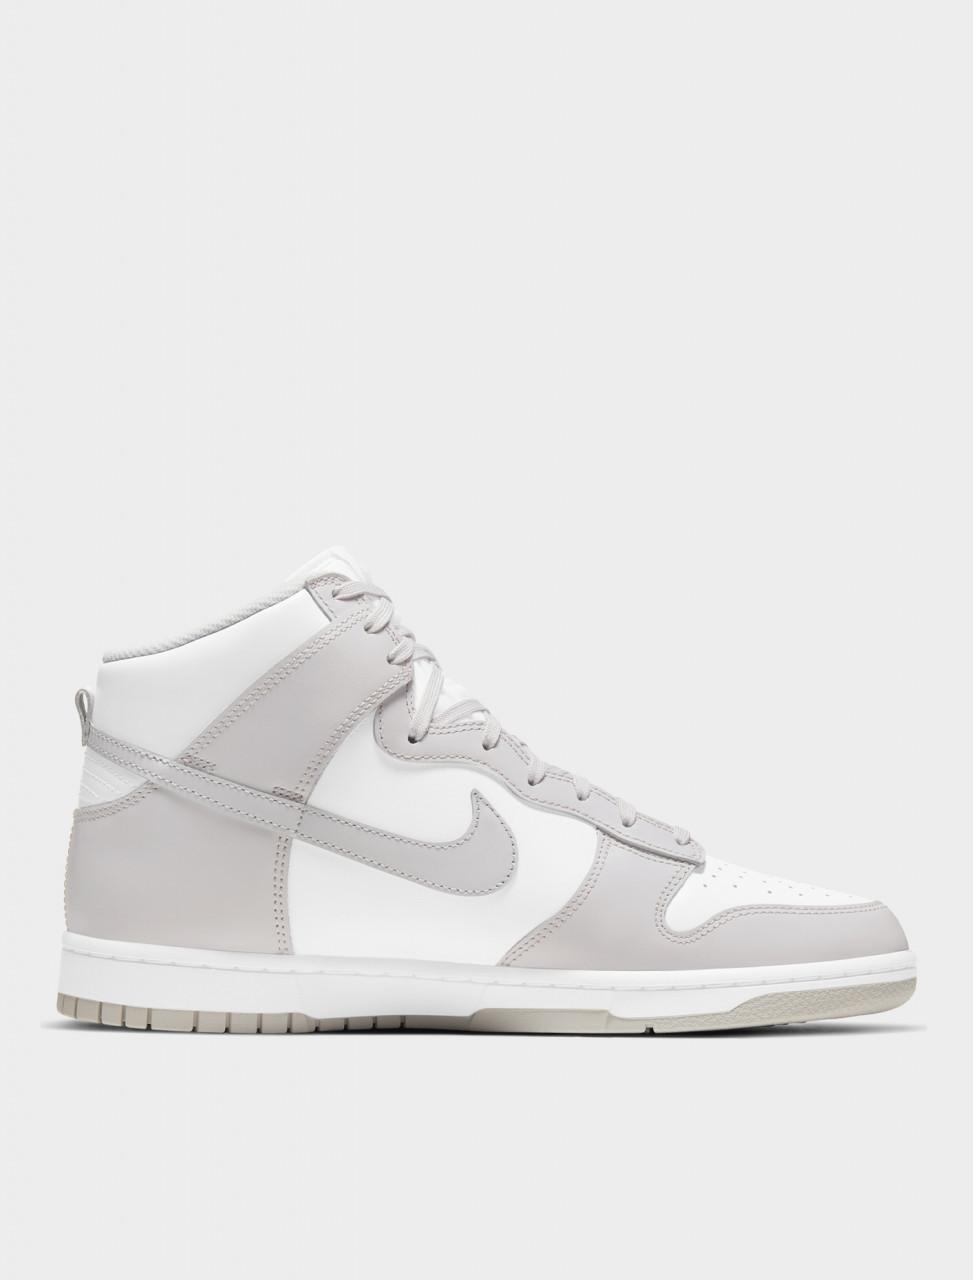 DD1399-100 Dunk High White Grey